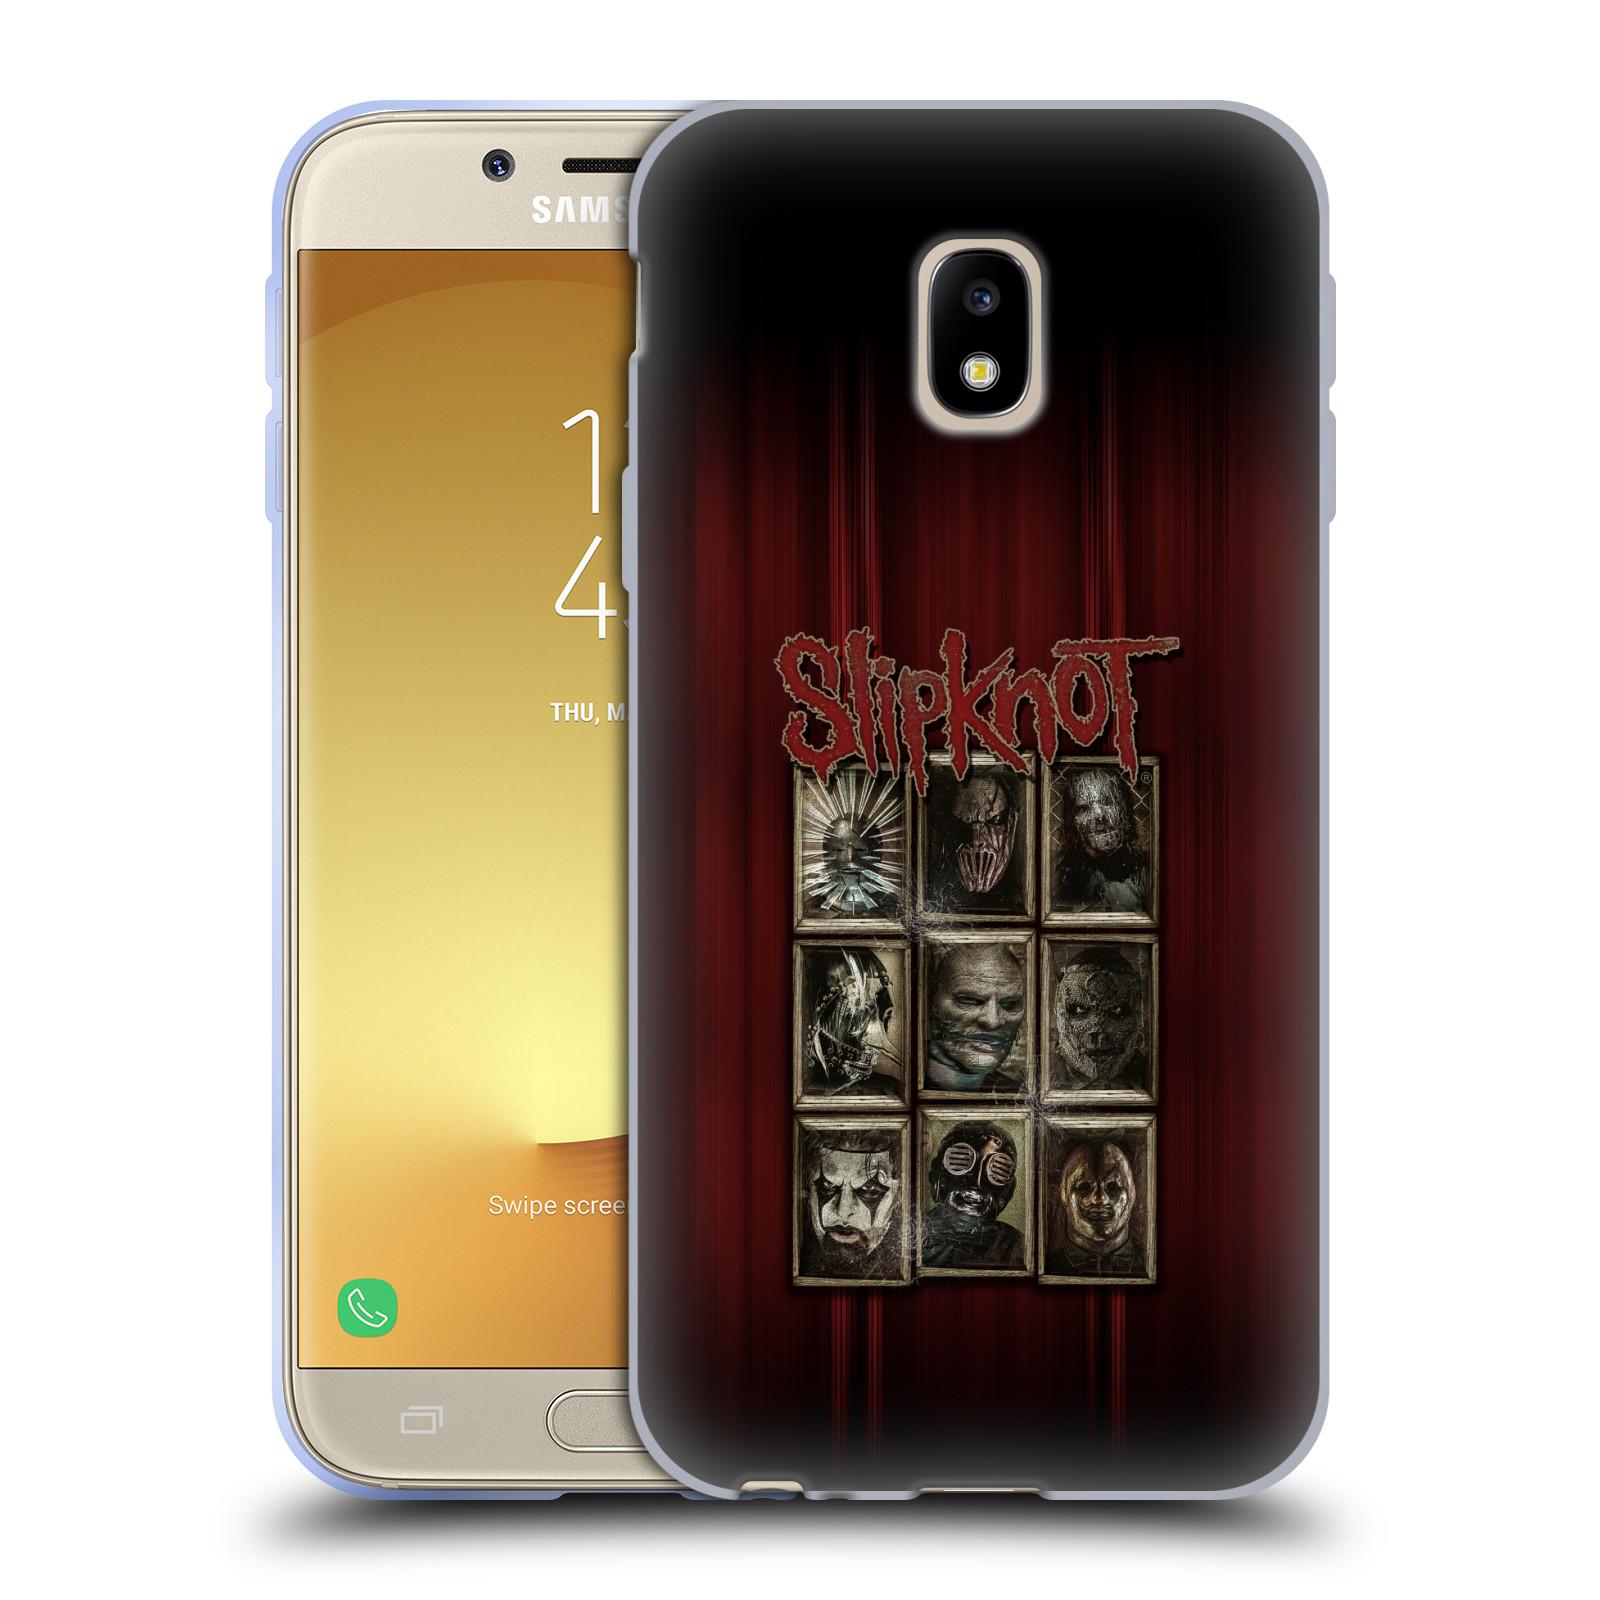 Silikonové pouzdro na mobil Samsung Galaxy J3 (2017) - Head Case - Slipknot - Masky (Silikonový kryt či obal na mobilní telefon Samsung Galaxy J3 2017 SM-J330F/DS s motivem Slipknot - Masky)